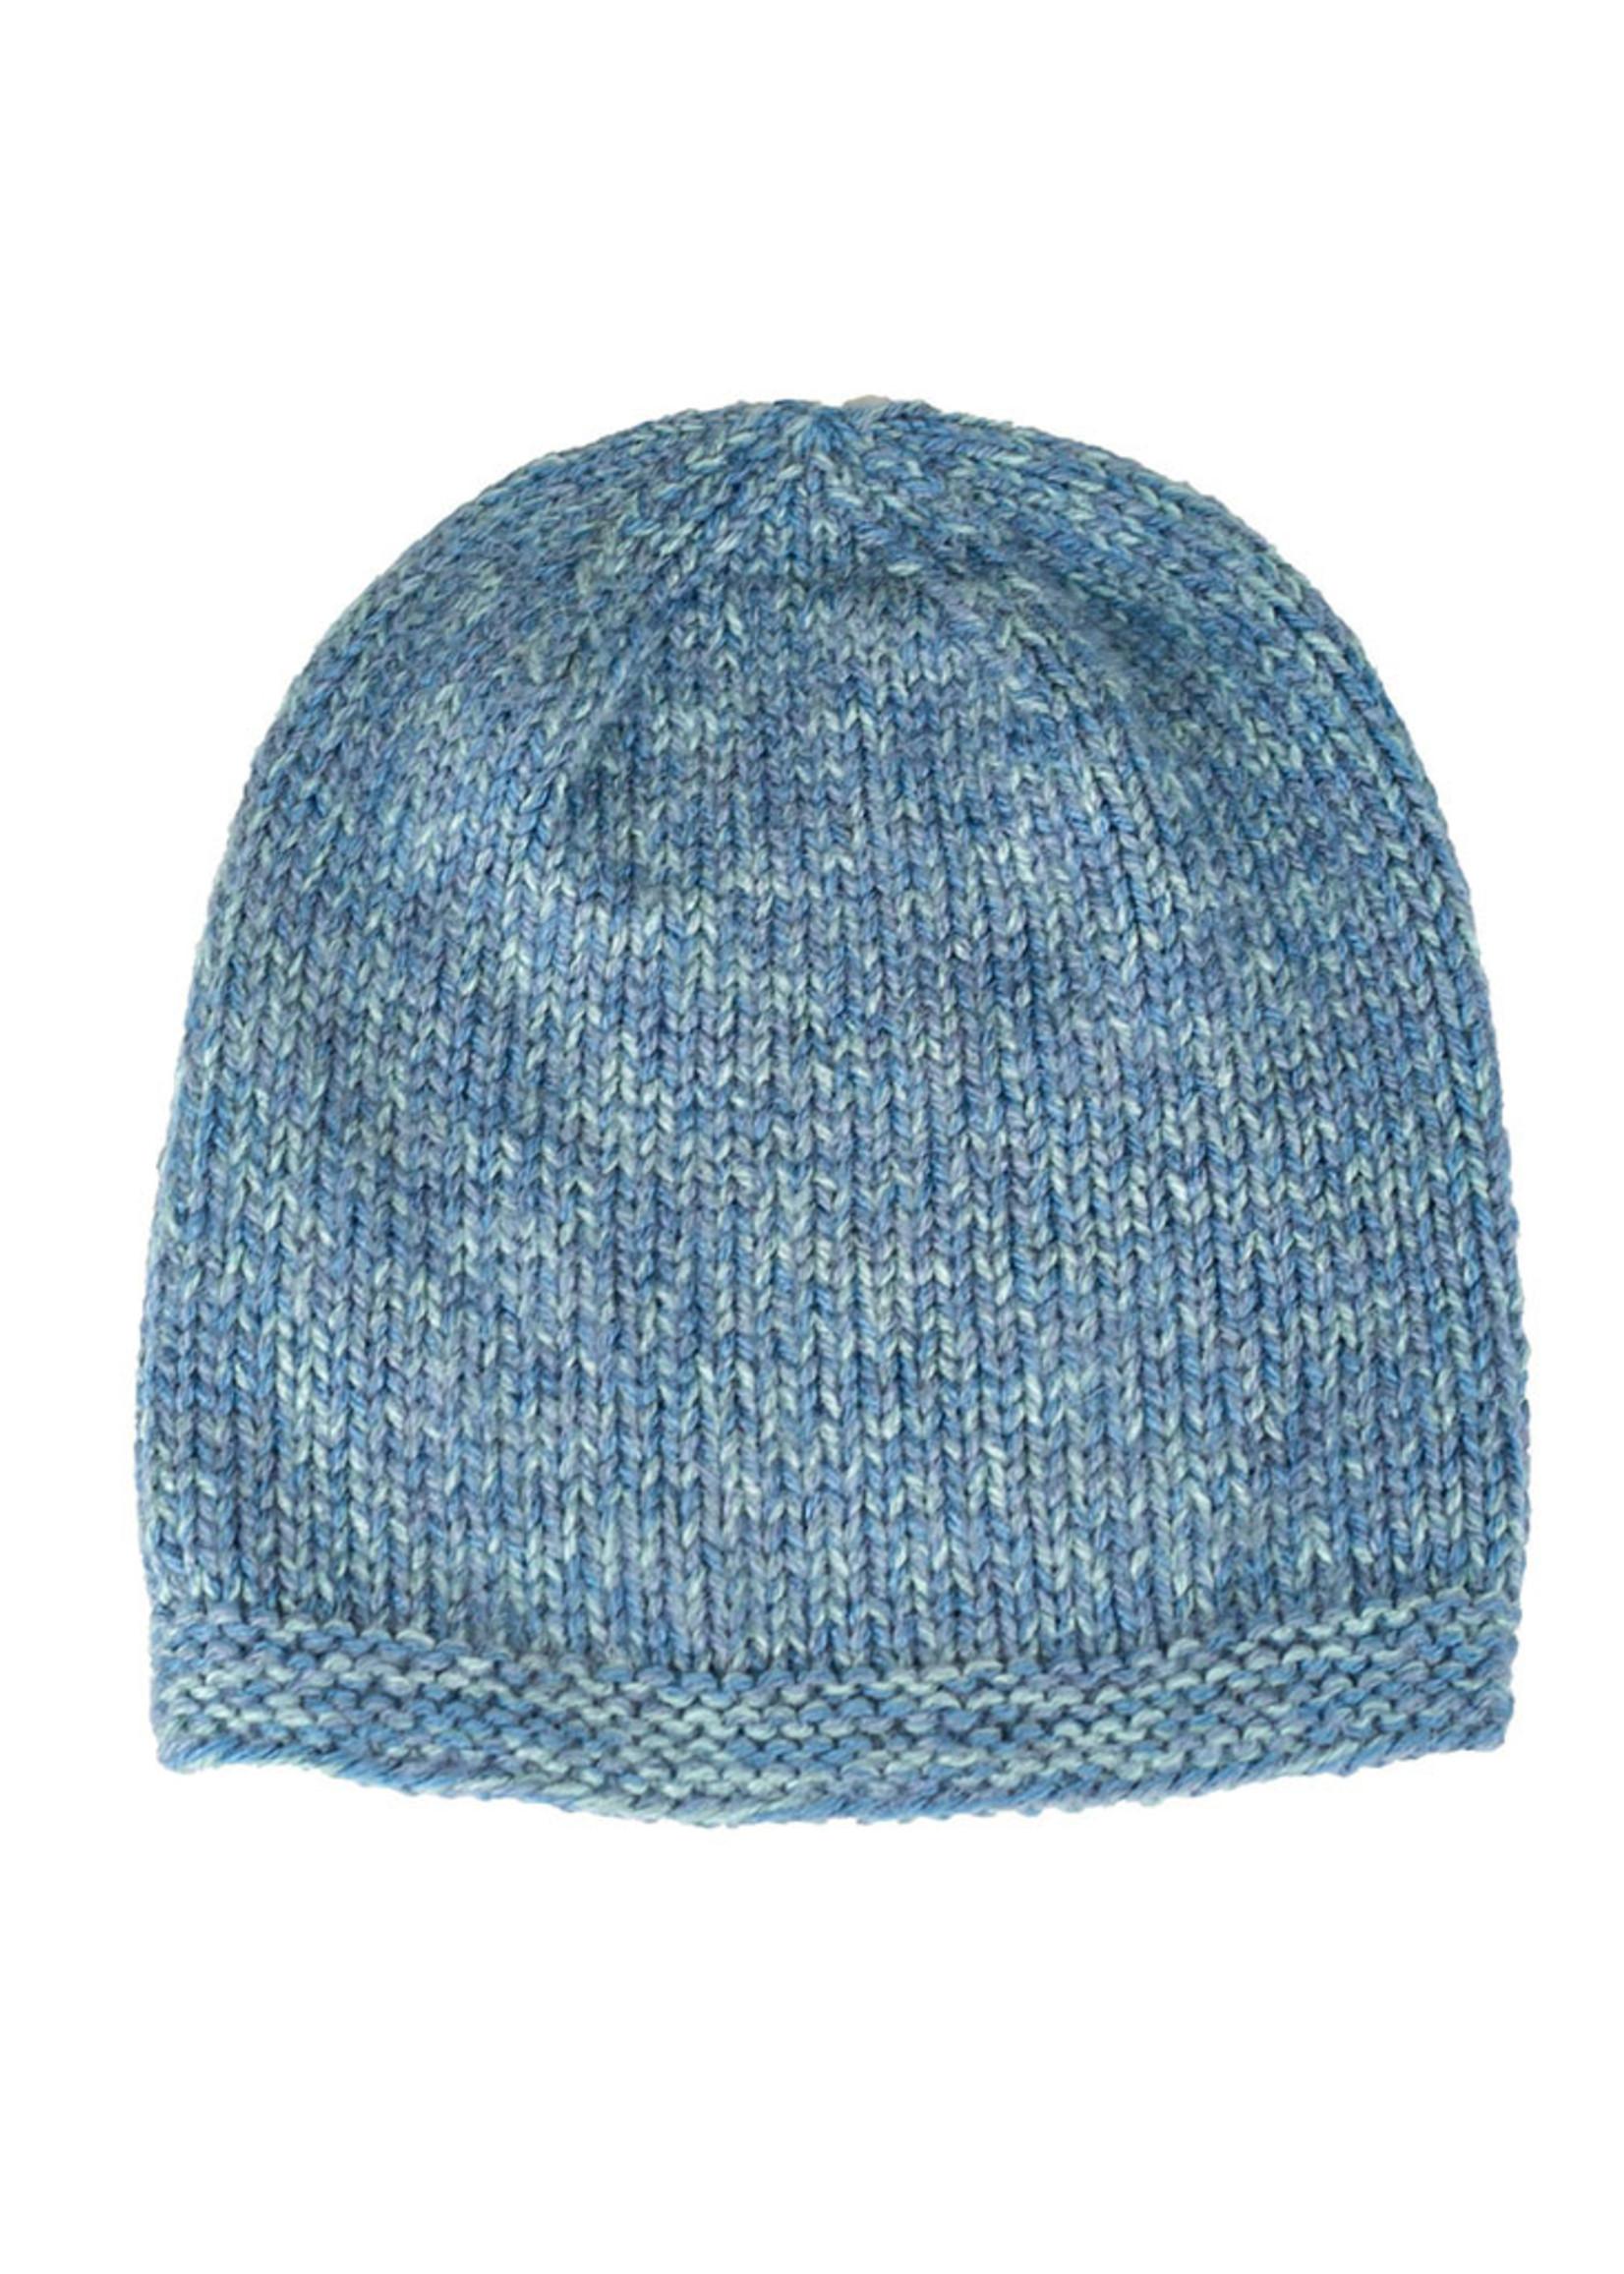 Blended Knit Hat